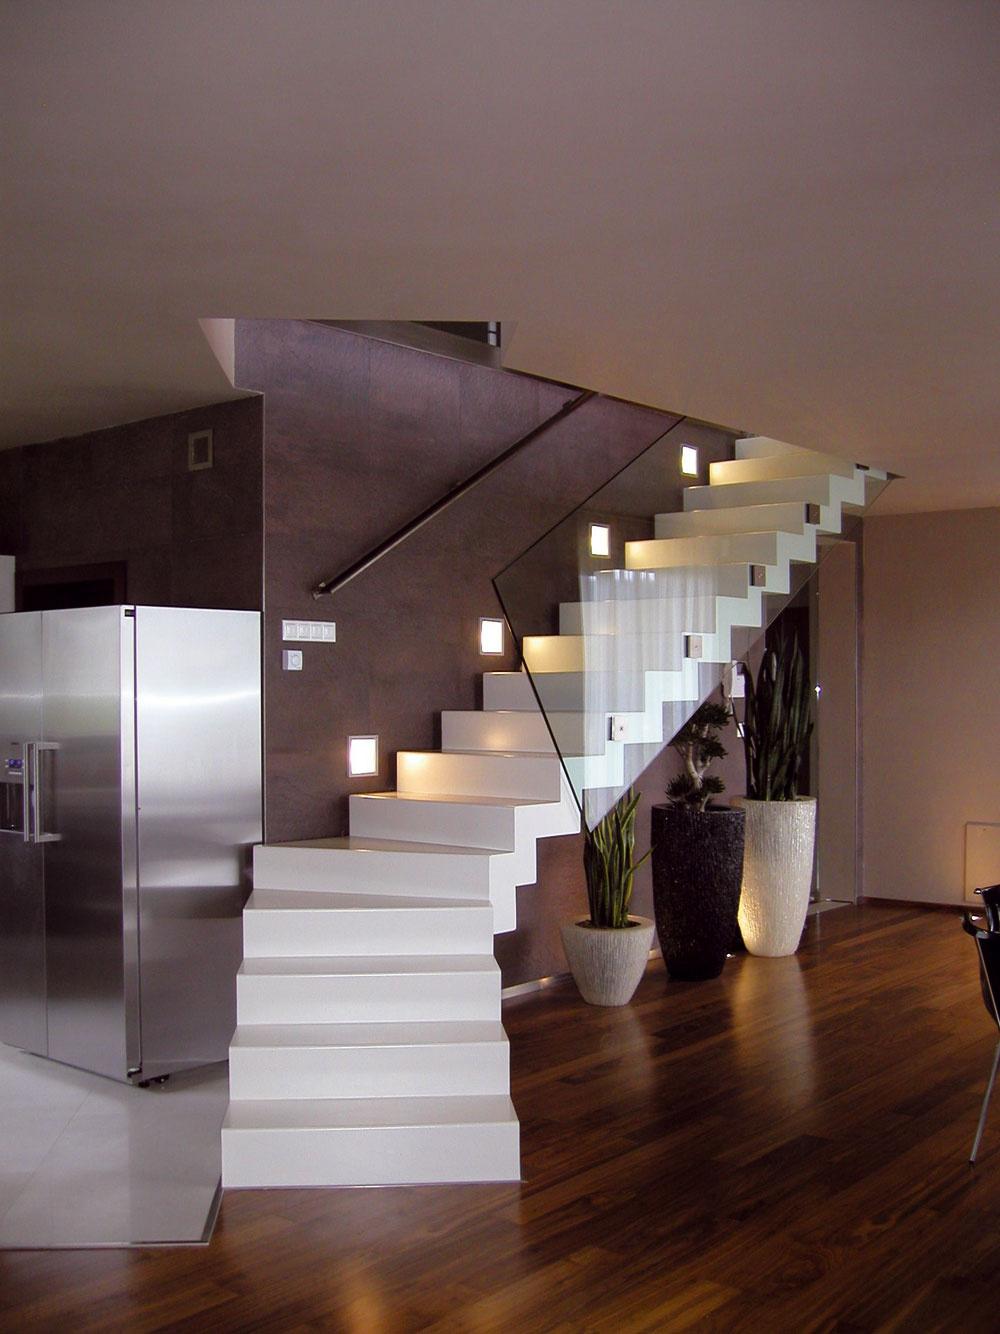 """Atypické elegantné schodisko soceľovou škrupinovou konštrukciou. Tú povrchovo upravili priamo pri montáži vďaka nástreku polyuretánovou zmesou vodtieni RAL. Zábradlie zhotovili ztvrdeného skla aukotvili do oceľovej konštrukcie pomocou terčov. Takto sa schodisko mení aj na """"pekný nábytkový solitér""""."""